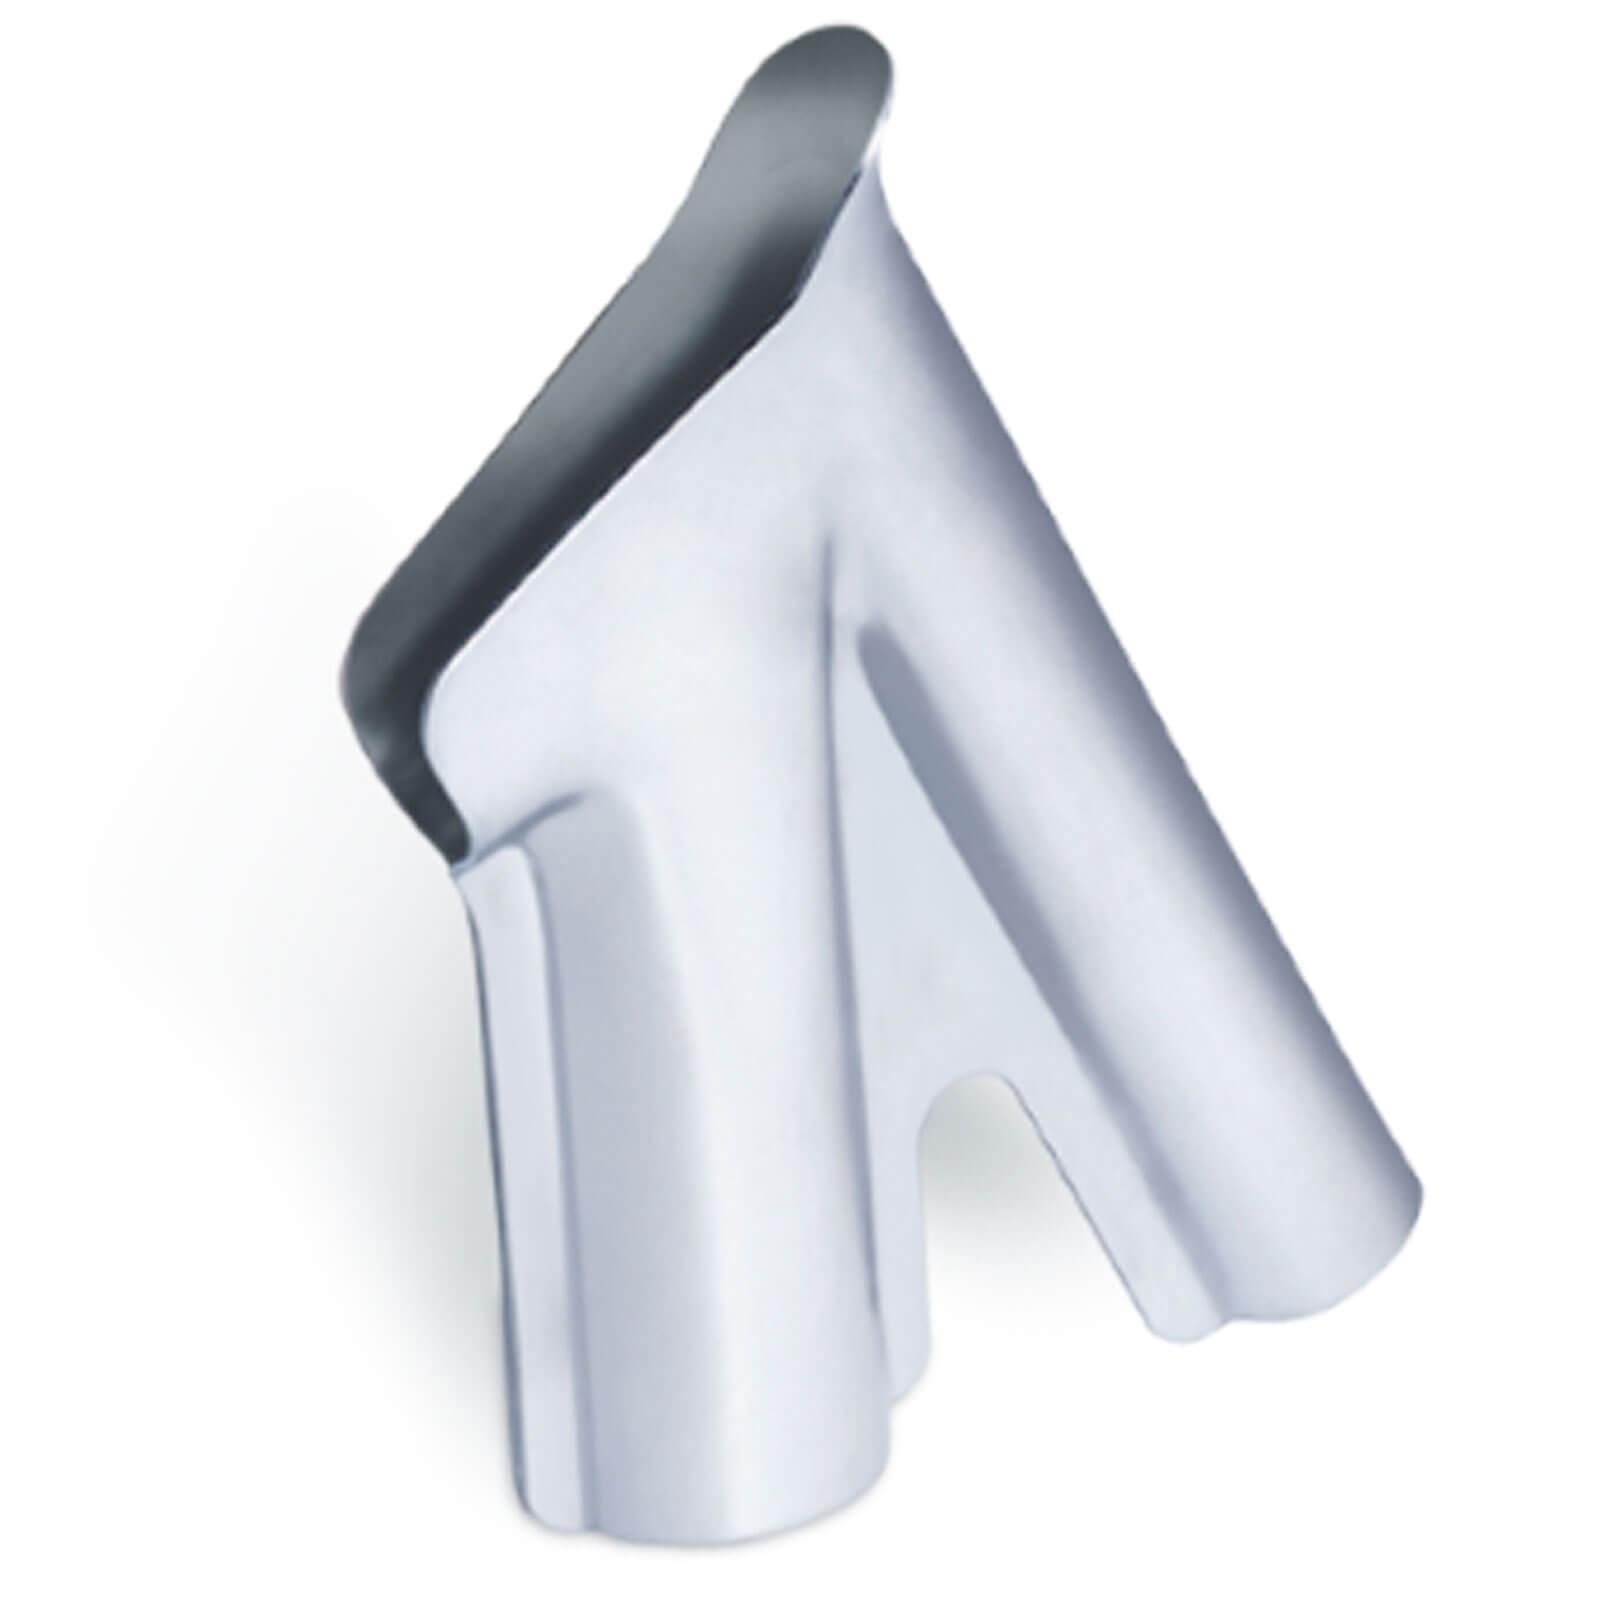 Steinel Welding Nozzle for Heat Guns